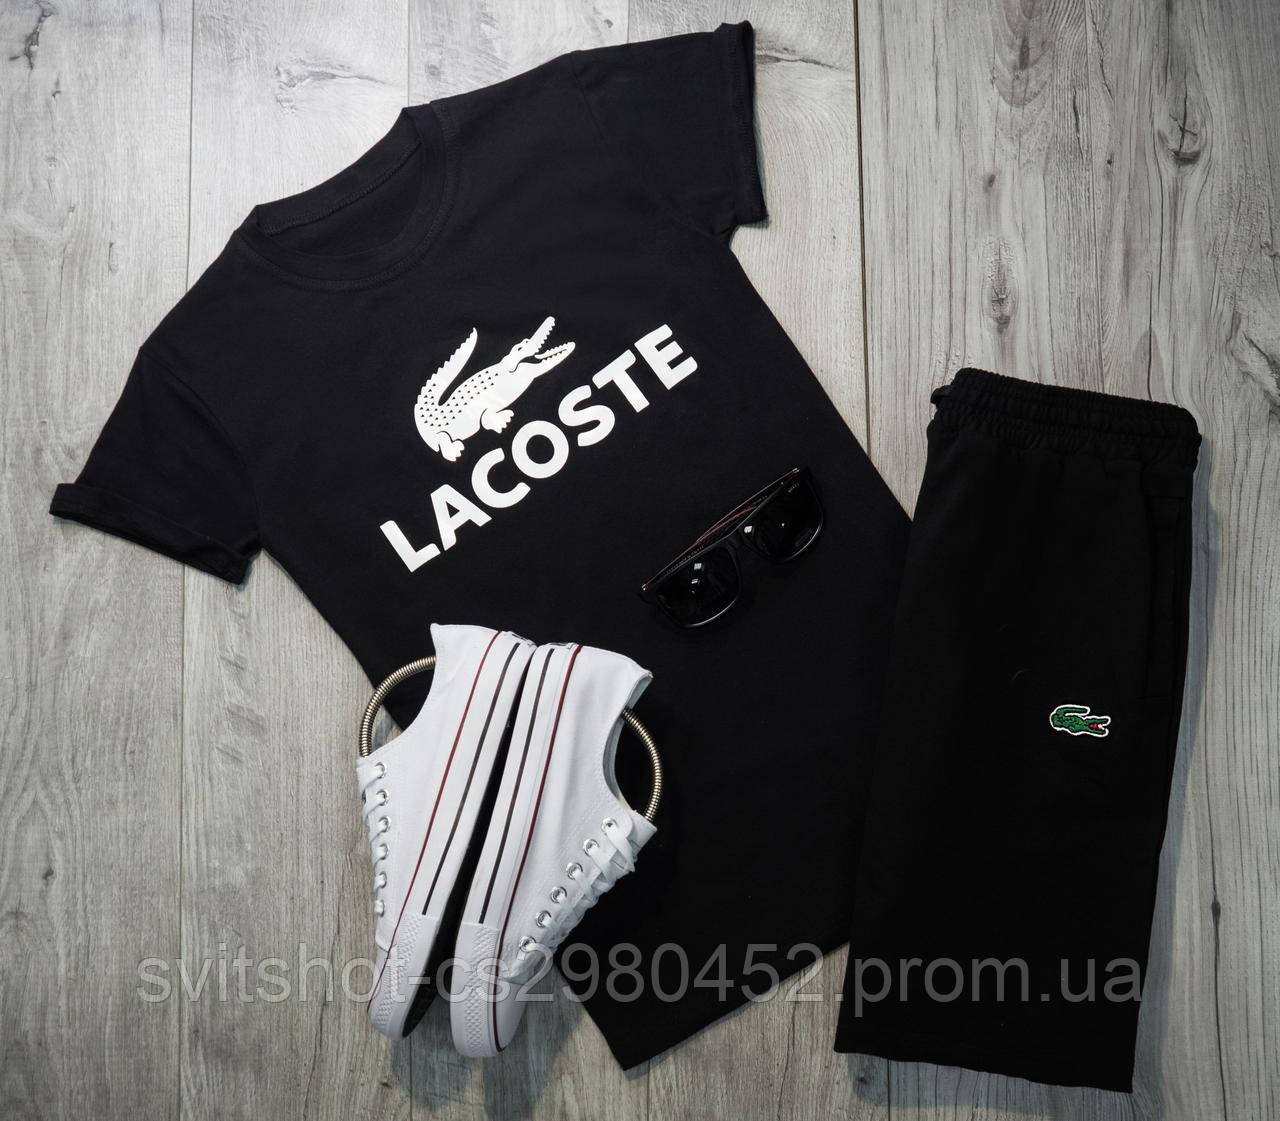 Комплект футболка + шорты Lacosta, белый логотип